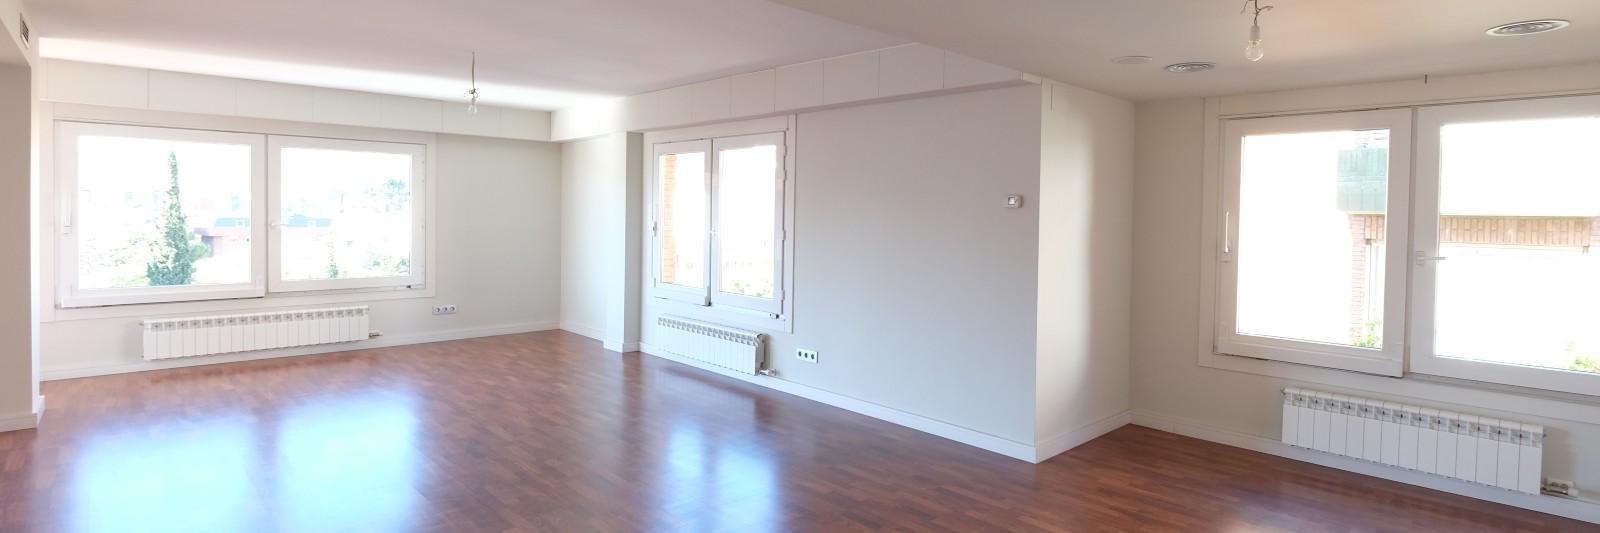 MG Inmobiliaria Barcelona - 6aabb2f571dbbe7f0f655581b1364a151446725738.jpg